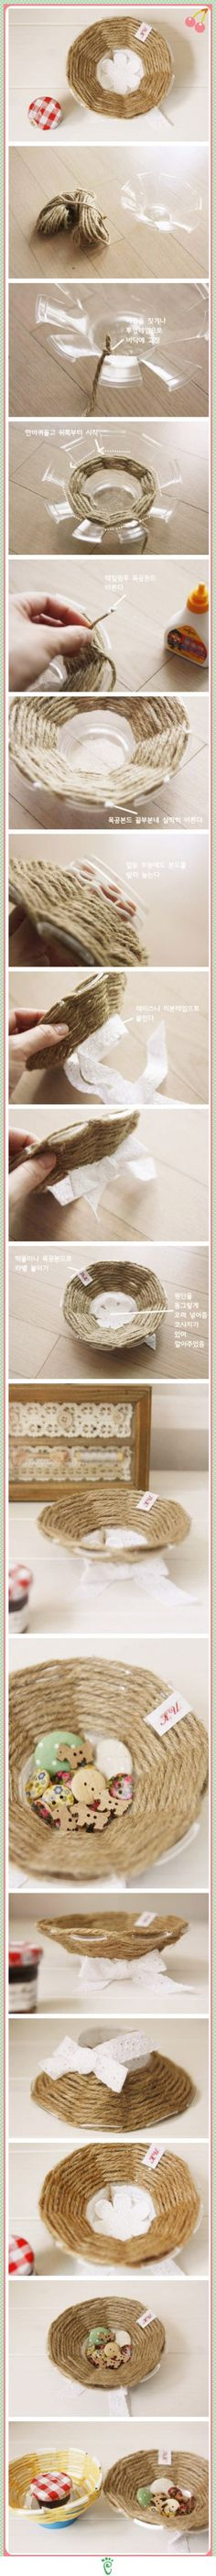 DIY Plastic Cup Rope Bowl